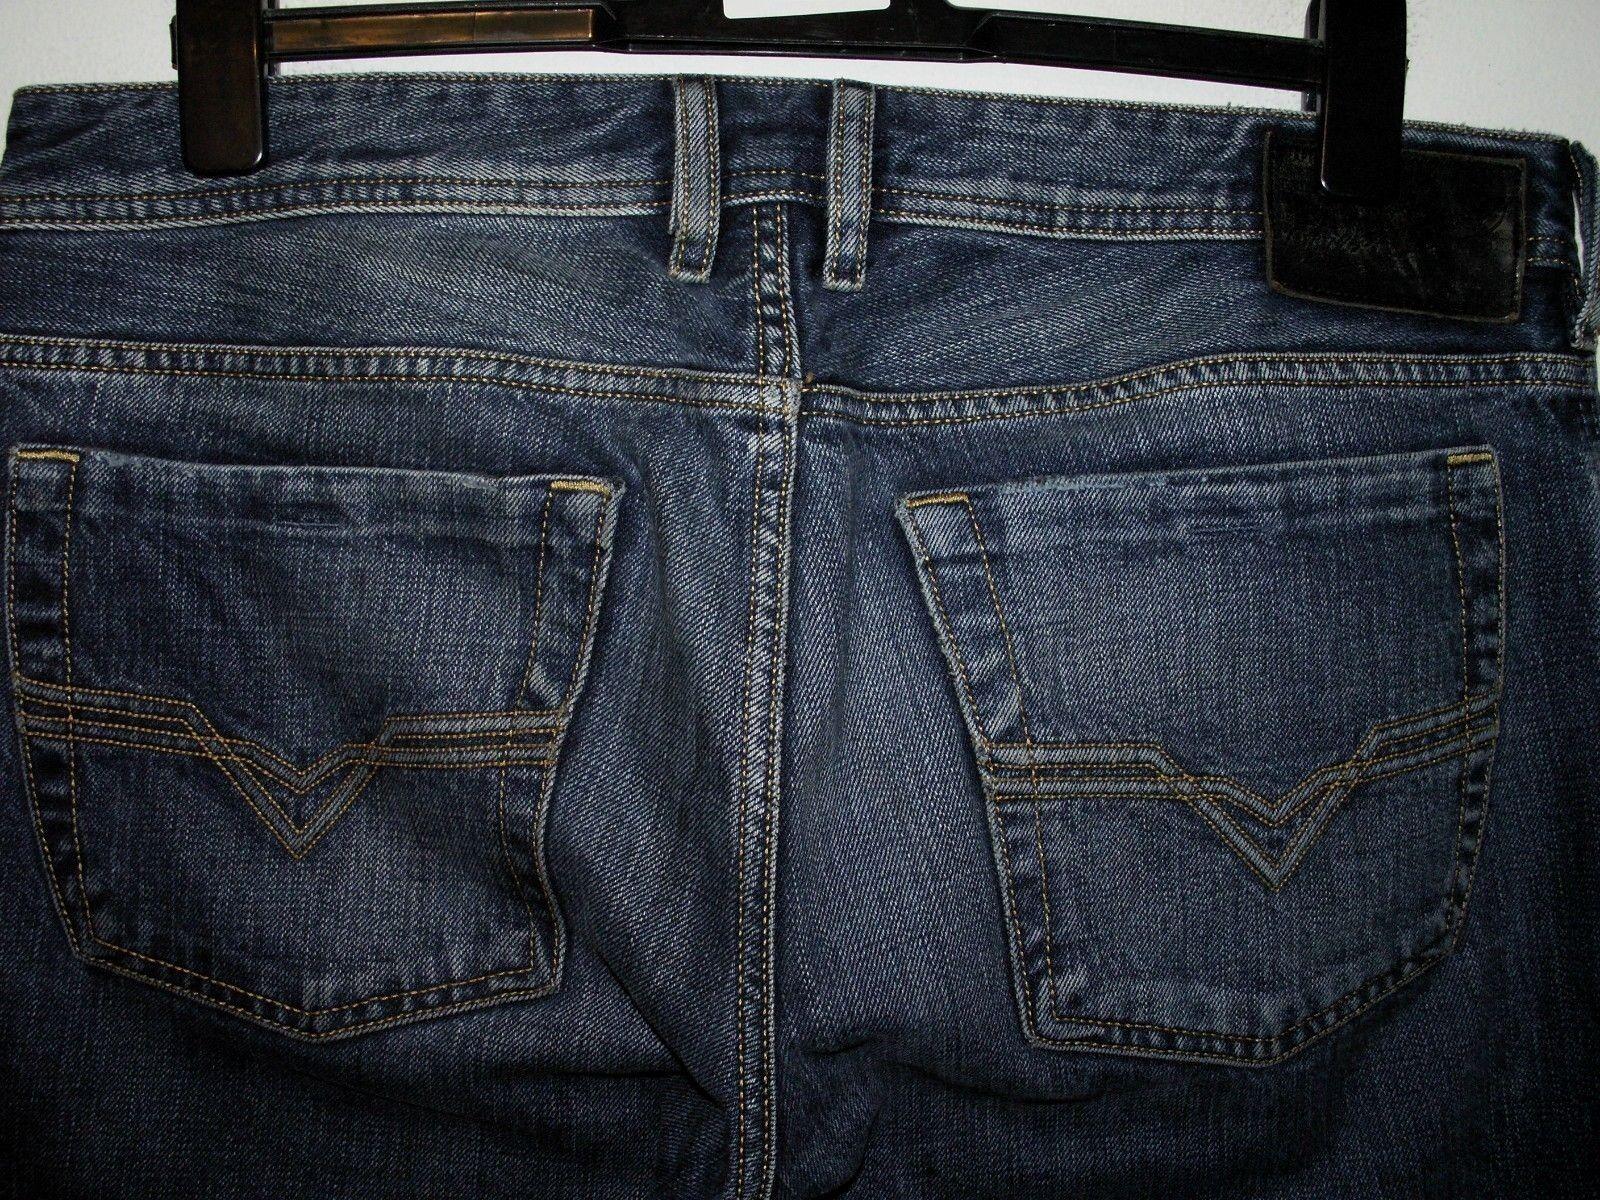 DIESEL ZATINY StiefelCUT JEANS 008FA W33 L34 (5710)    Der neueste Stil    Qualität    Preisreduktion